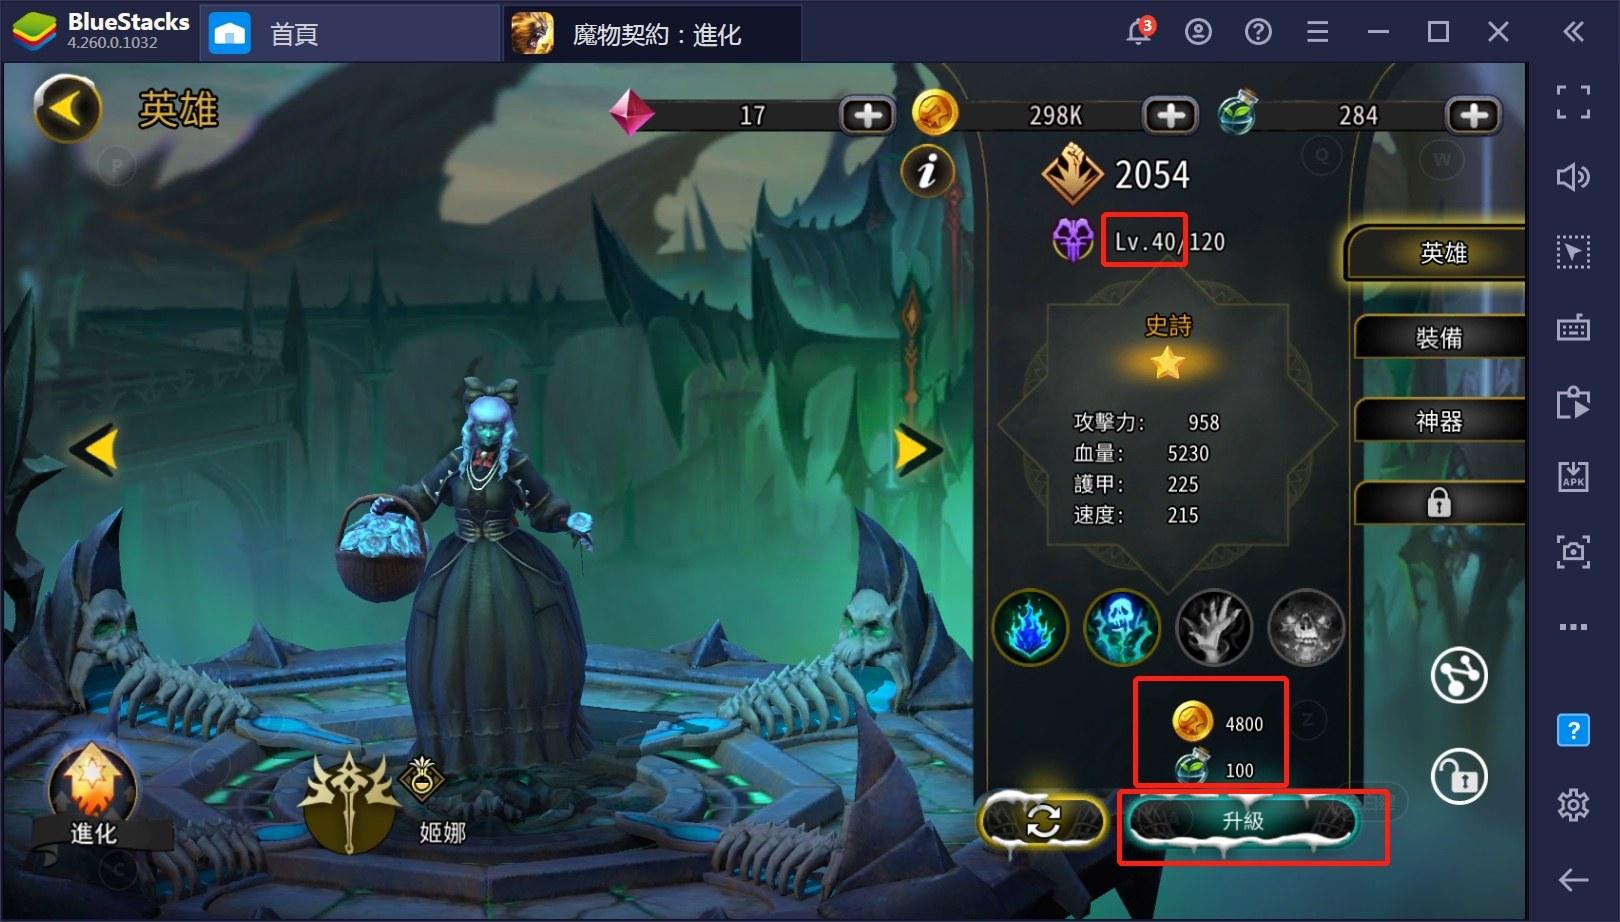 使用BlueStacks在PC上玩放置類卡牌手遊《魔物契約:進化》